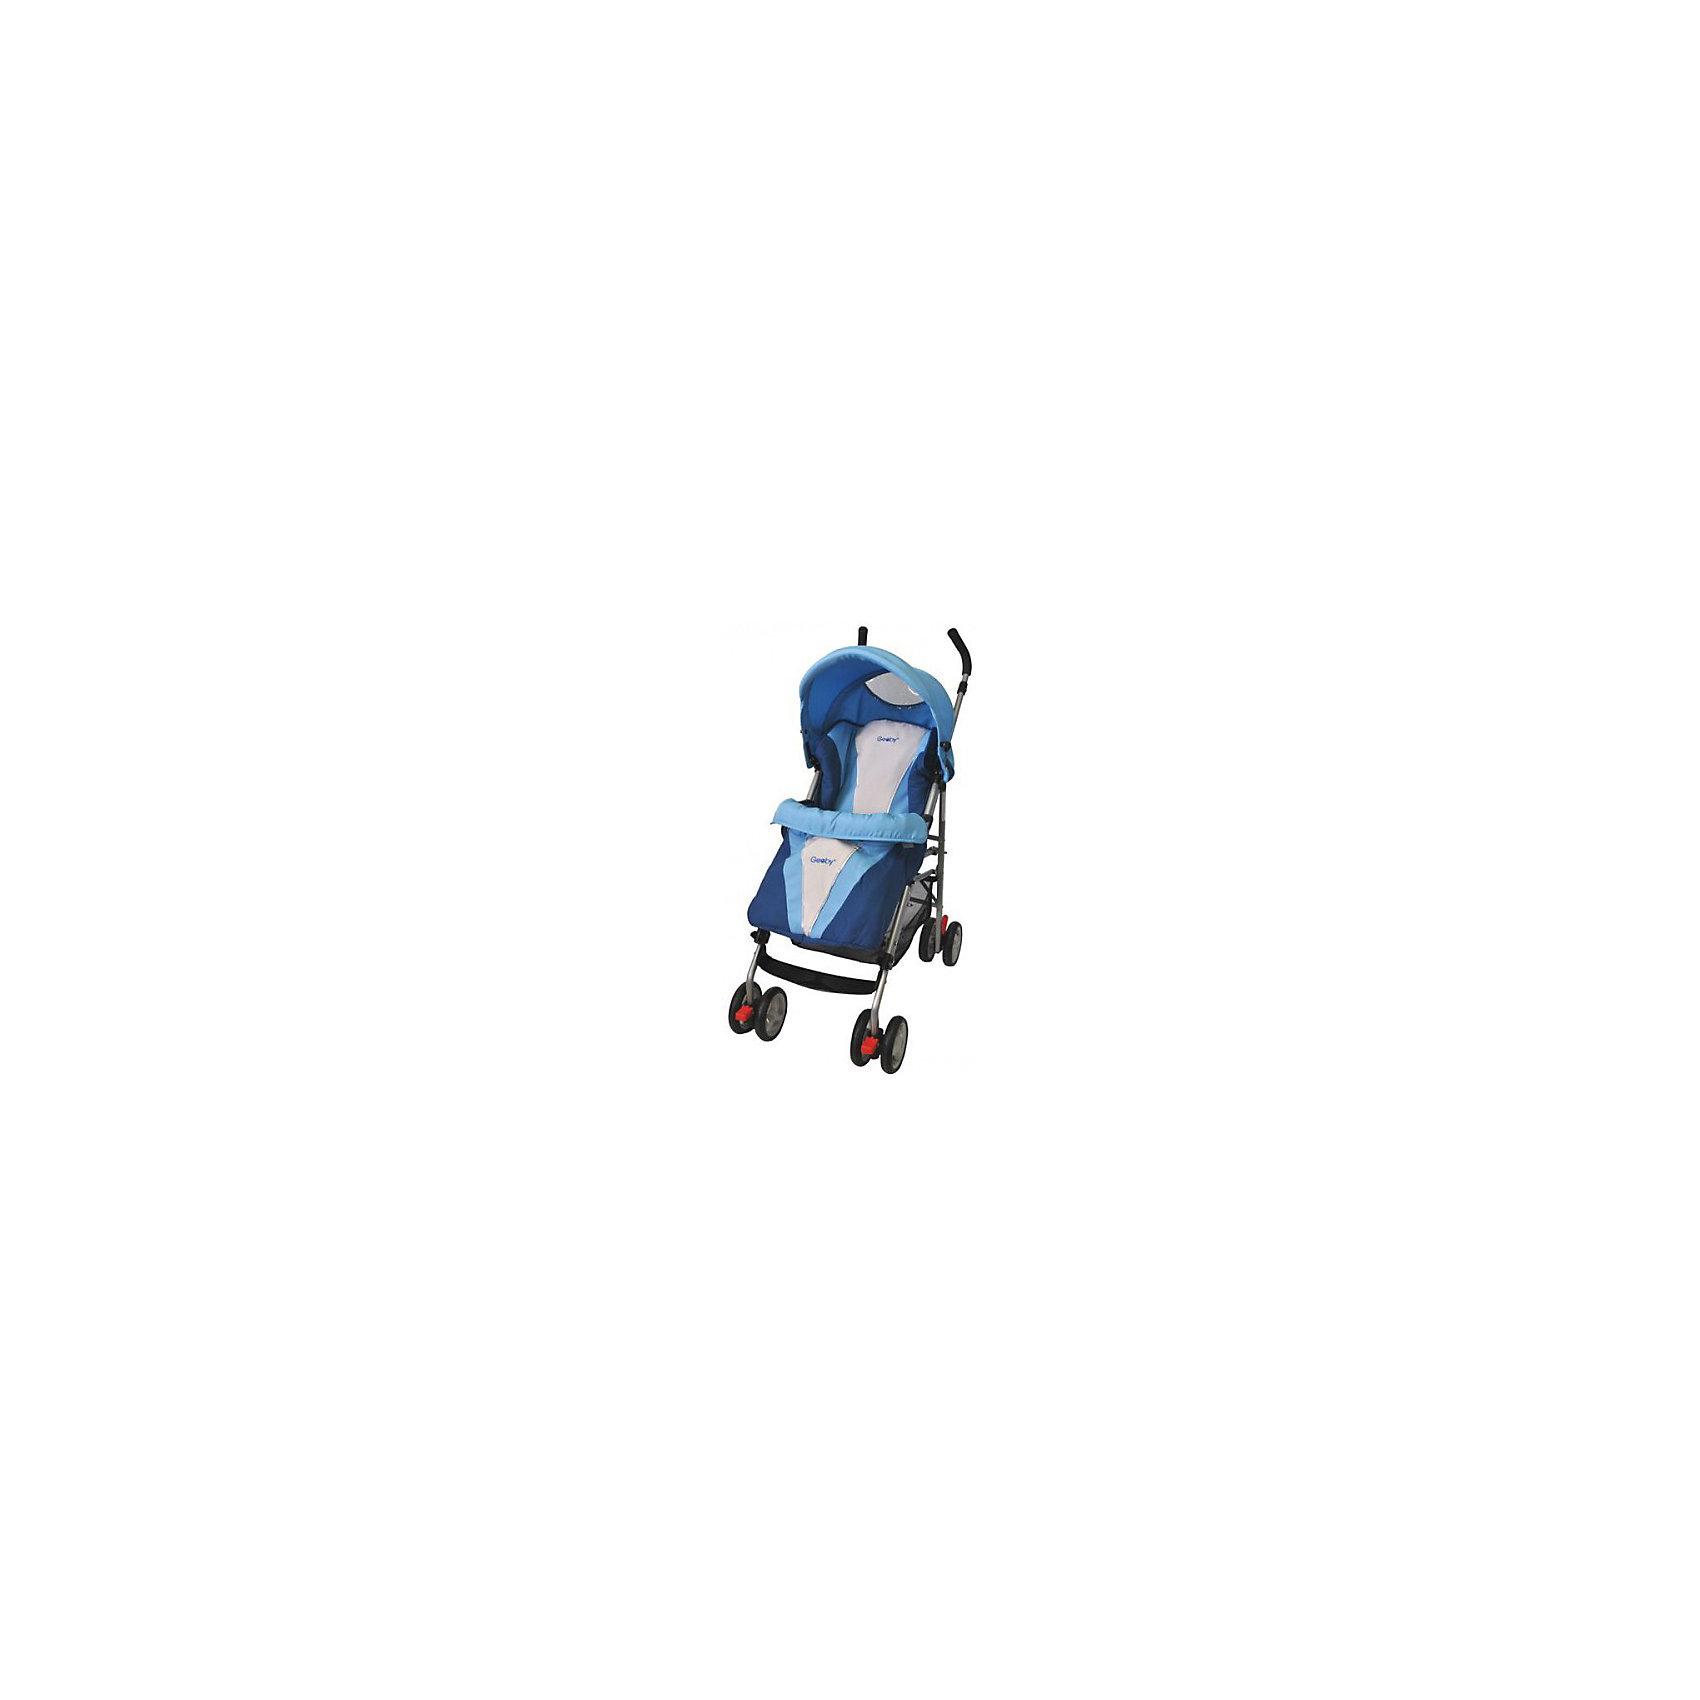 Коляска-трость Geoby 05D388W-F, синийНедорогие коляски<br>Характеристики коляски:<br><br>• спинка опускается до положения «лежа»;<br>• 3-х точечные ремни безопасности;<br>• съемный бампер обтянут тканью;<br>• увеличенный тент от солнца, солнцезащитный козырек;<br>• капюшон оснащен смотровым окошком;<br>• сдвоенные колеса на передней и задней оси;<br>• передние «плавающие» колеса с фиксатором;<br>• диаметр колес: 15,5 см;<br>• тип складывания коляски: трость.<br><br>Размер коляски: 105х47х85 см<br>Вес коляски: 8,5 кг<br>Размер упаковки: 109х29,5х27,5 см<br>Вес в упаковке: 10,2 кг<br><br>Легкая и маневренная коляска-трость наделена такими преимуществами, как раскладывающая спинка, увеличенный капюшон, сдвоенные колеса, отдельные ручки. Подросшему малышу удобно будет ставить ножки на пластиковую подножку. От ветра и непогоды малыша защищает чехол на ножки, надежная система безопасности удерживает кроху в прогулочном блоке. Для детских вещей и аксессуаров имеется корзина, которая расположена внизу. <br><br>Дополнительная комплектация:<br><br>• утепленный чехол на ножки;<br>• дождевик;<br>• москитная сетка;<br>• инструкция. <br><br>Коляску-трость 05D388W-F, Geoby, цвет синий можно купить в нашем интернет-магазине.<br><br>Ширина мм: 295<br>Глубина мм: 275<br>Высота мм: 1090<br>Вес г: 10200<br>Возраст от месяцев: 7<br>Возраст до месяцев: 36<br>Пол: Унисекс<br>Возраст: Детский<br>SKU: 5500278